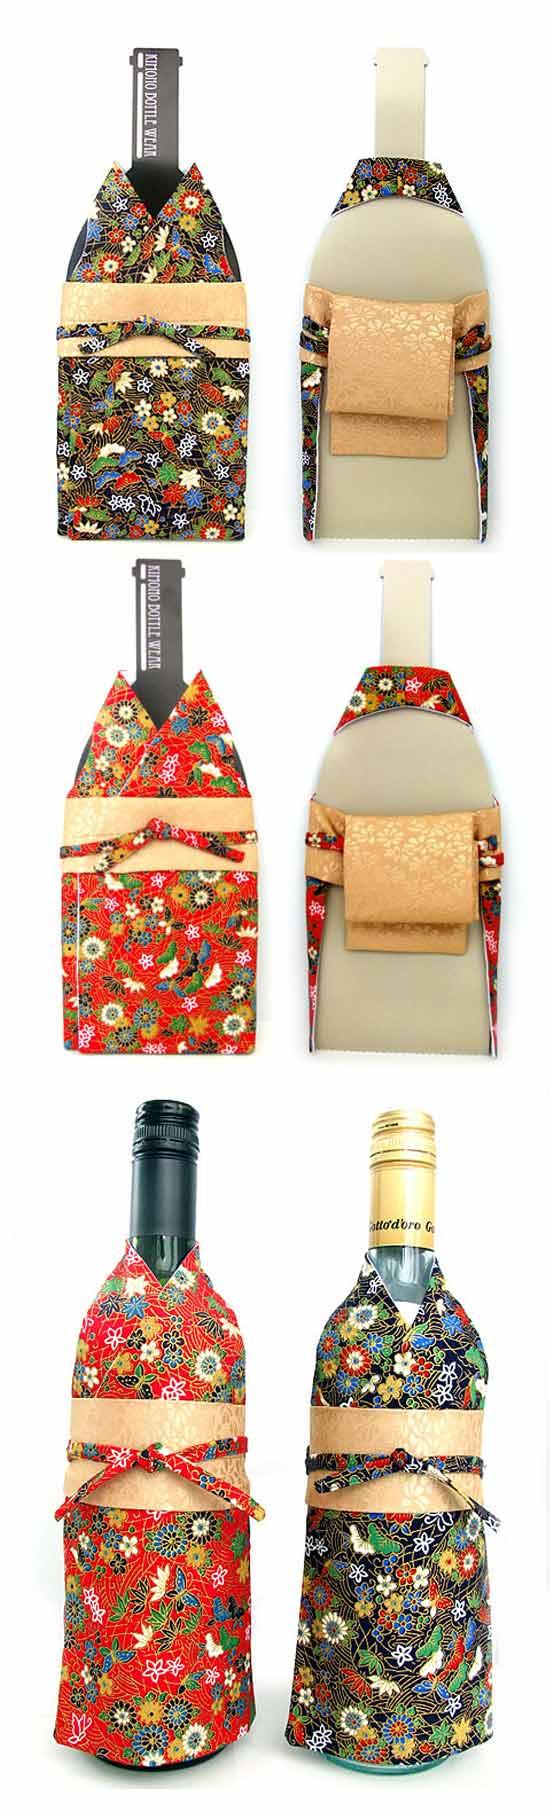 Кимоно для винной бутылки